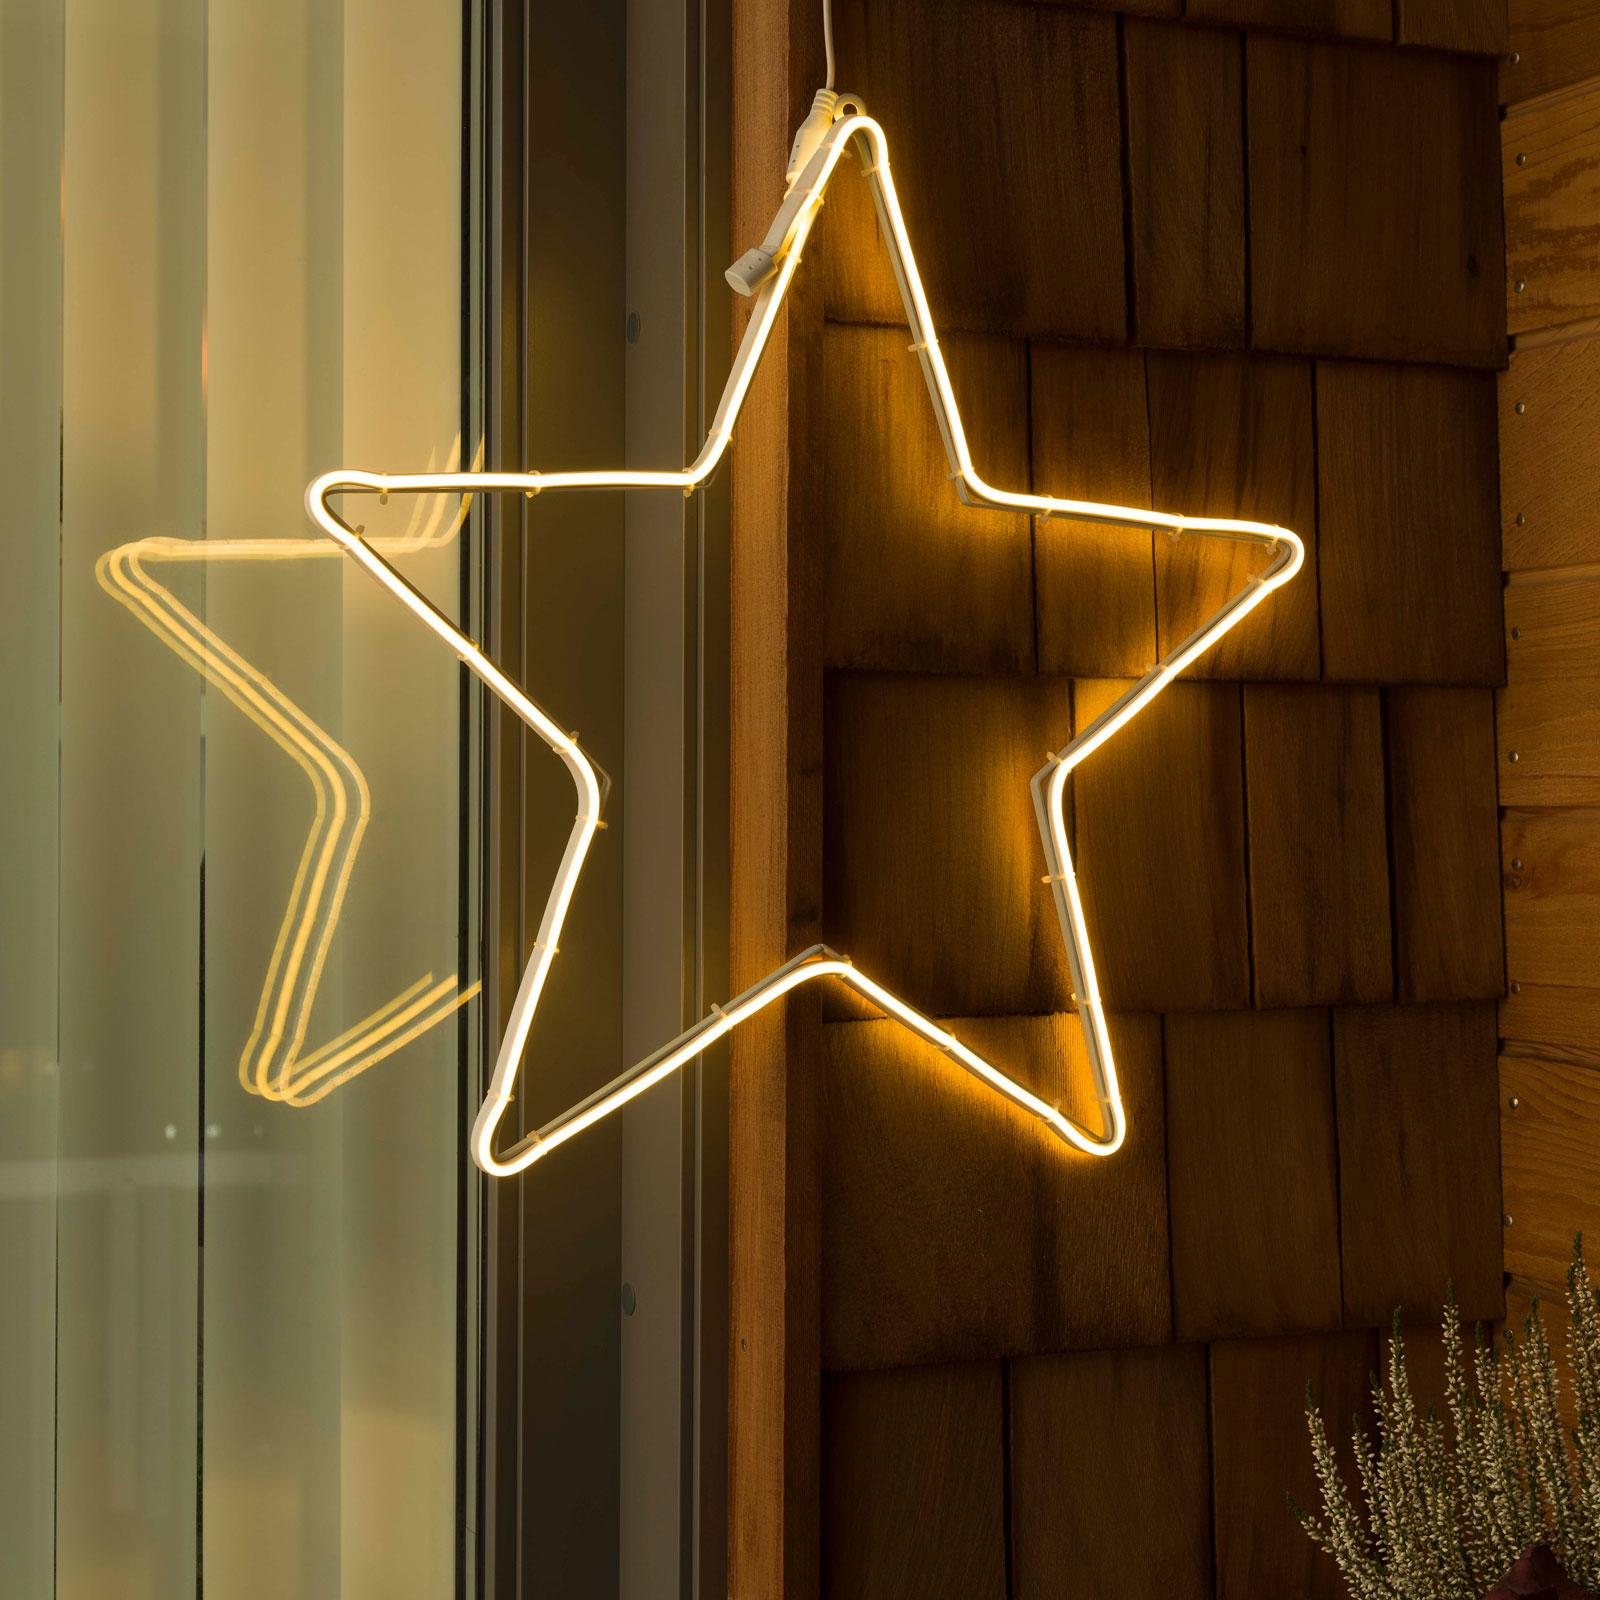 LED-fönsterbild slangsilhuett stjärna, utomhus